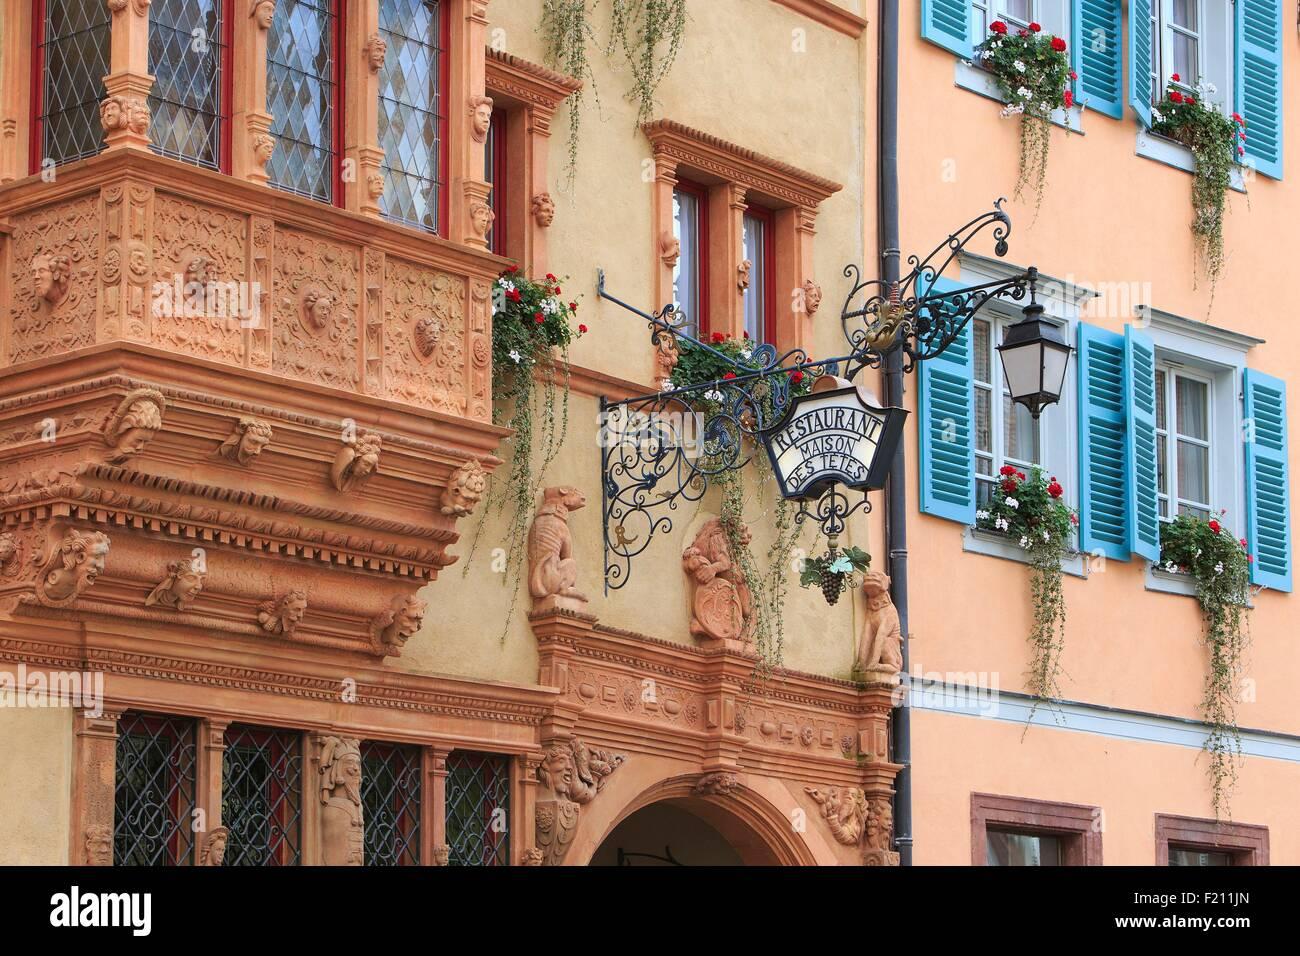 France haut rhin route des vins d 39 alsace colmar facade for Extension maison haut rhin